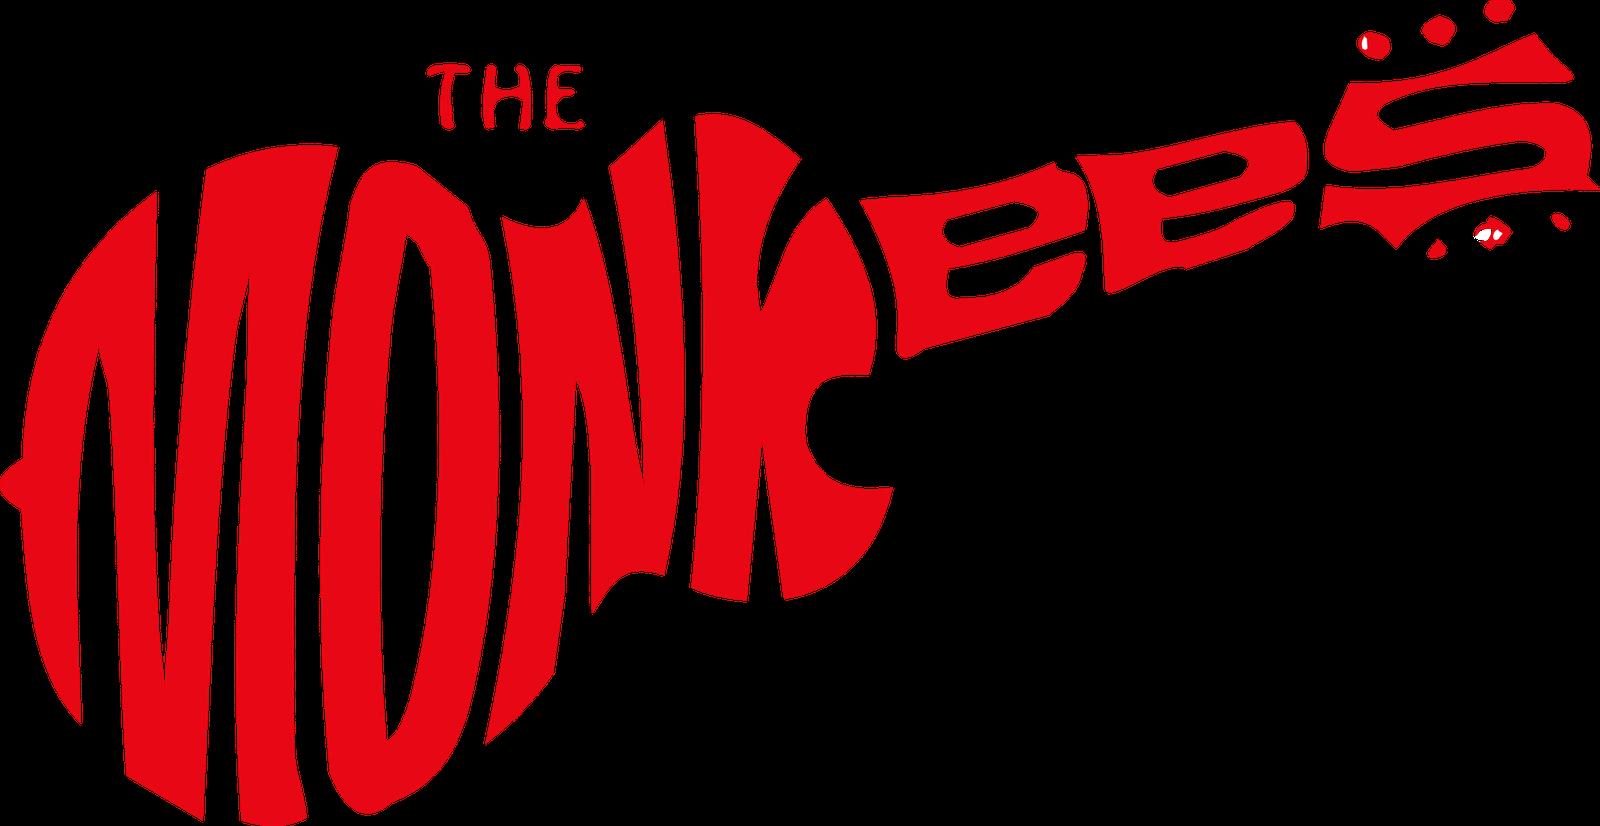 Tawnee stone hardcore